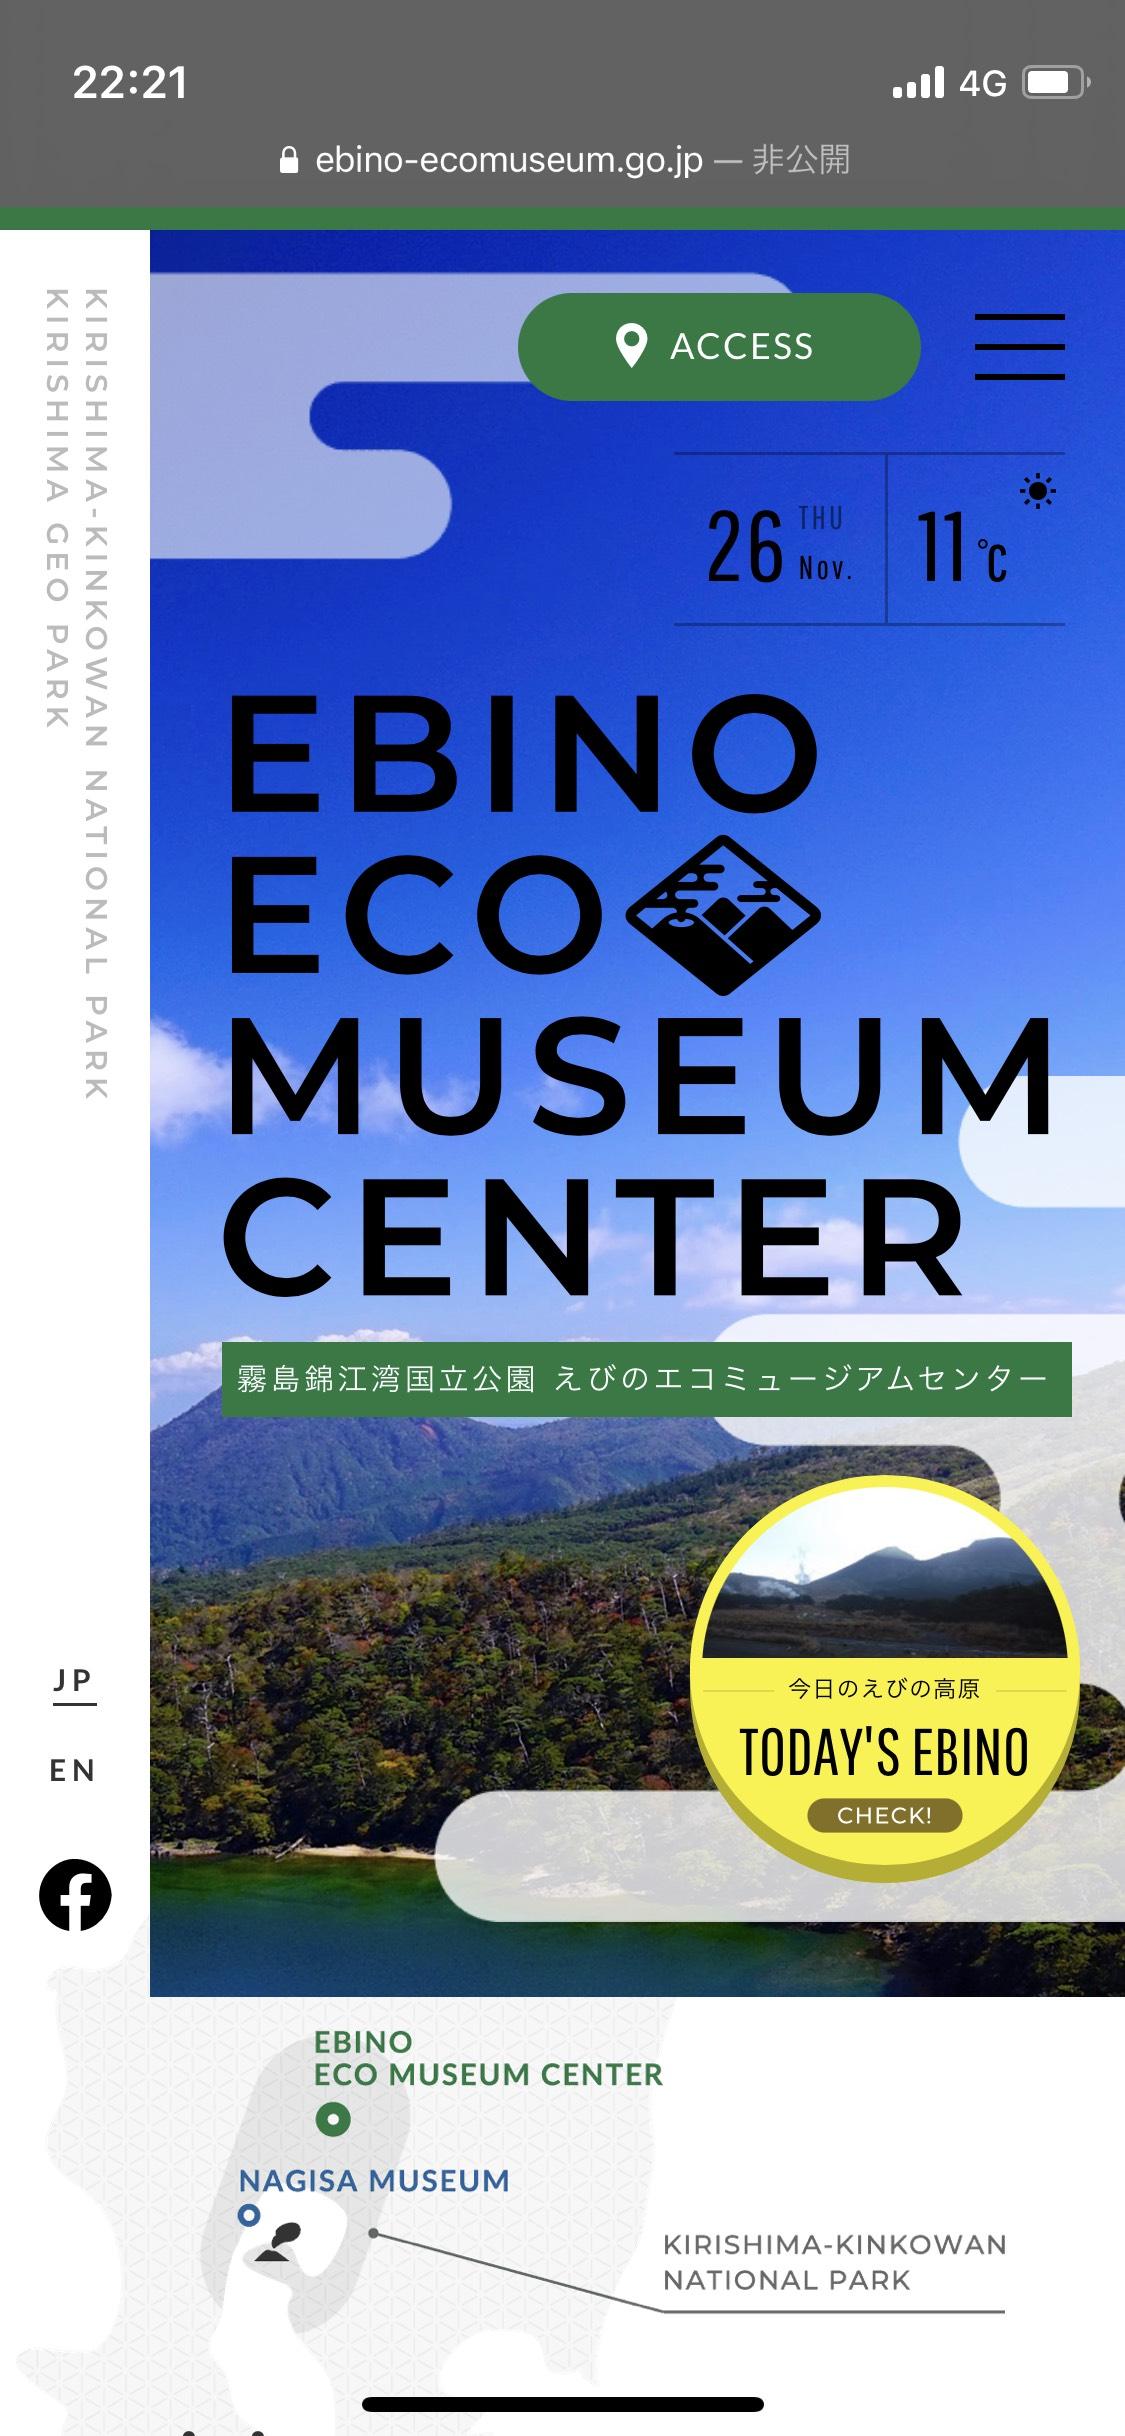 えびのエコミュージアムセンター|霧島錦江湾国立公園、霧島ジオパークのビジターセンターのサイト